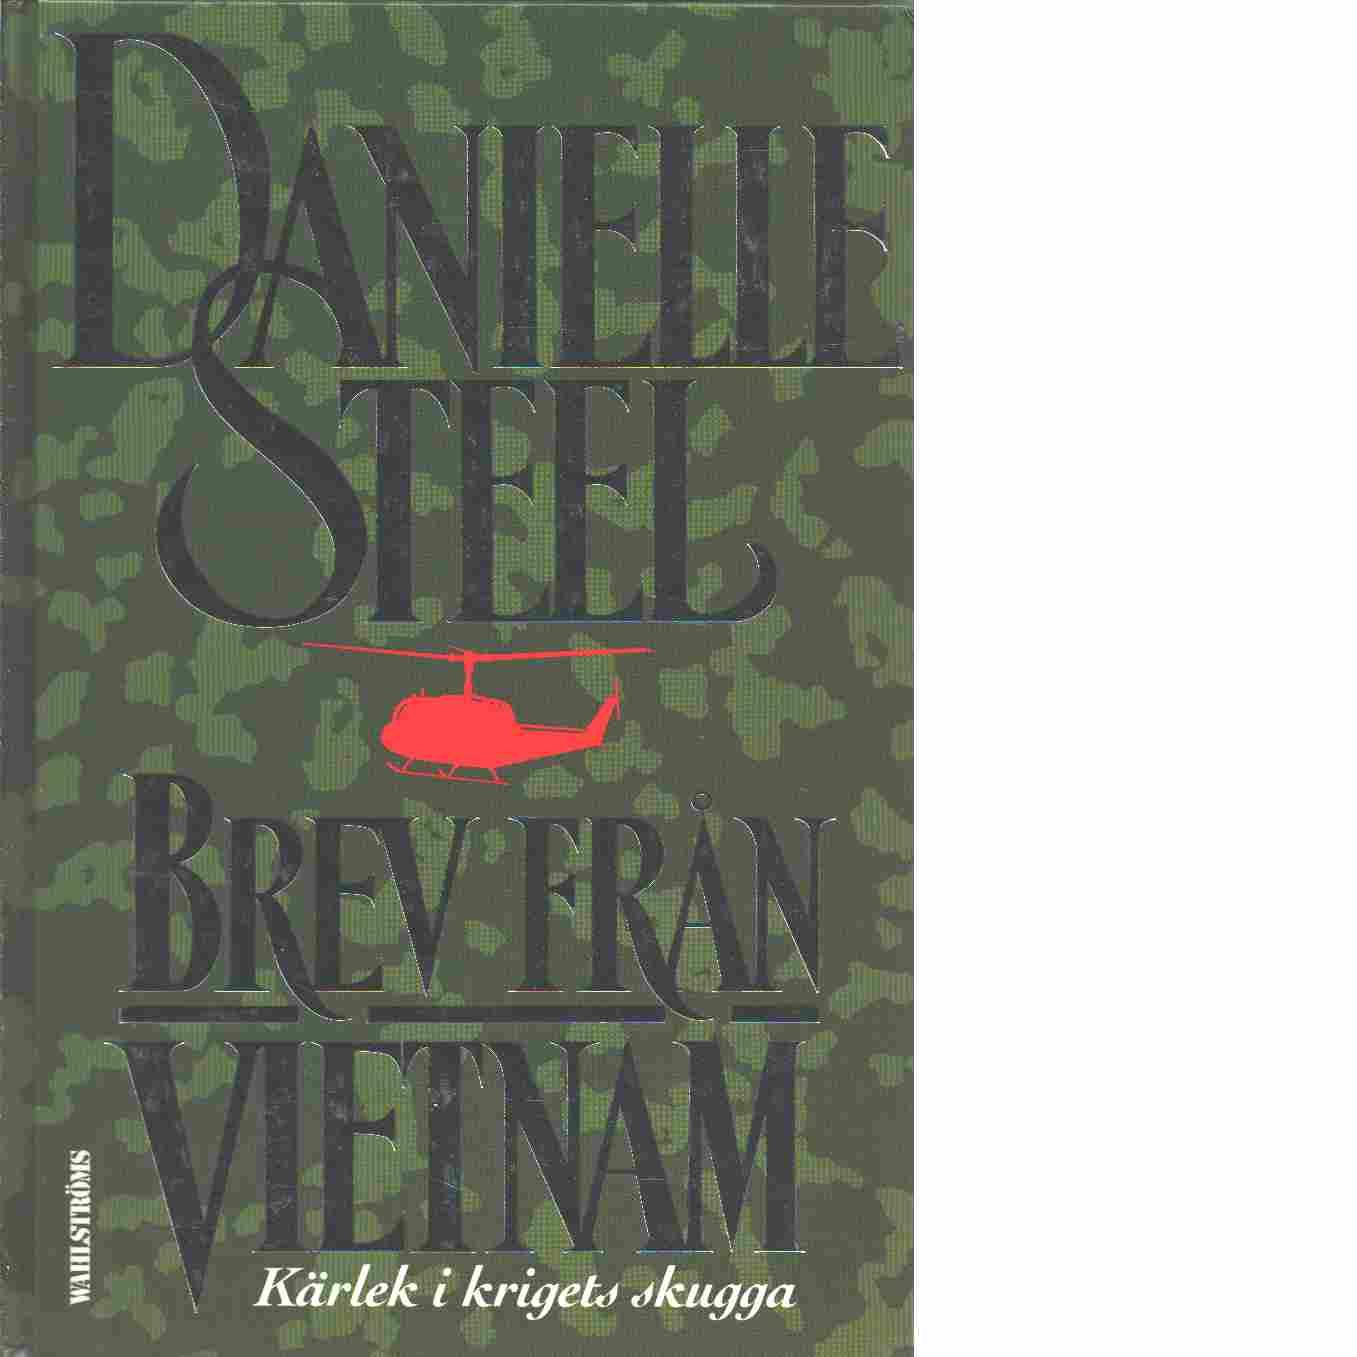 Brev från Vietnam : kärlek i krigets skugga - Steel, Danielle